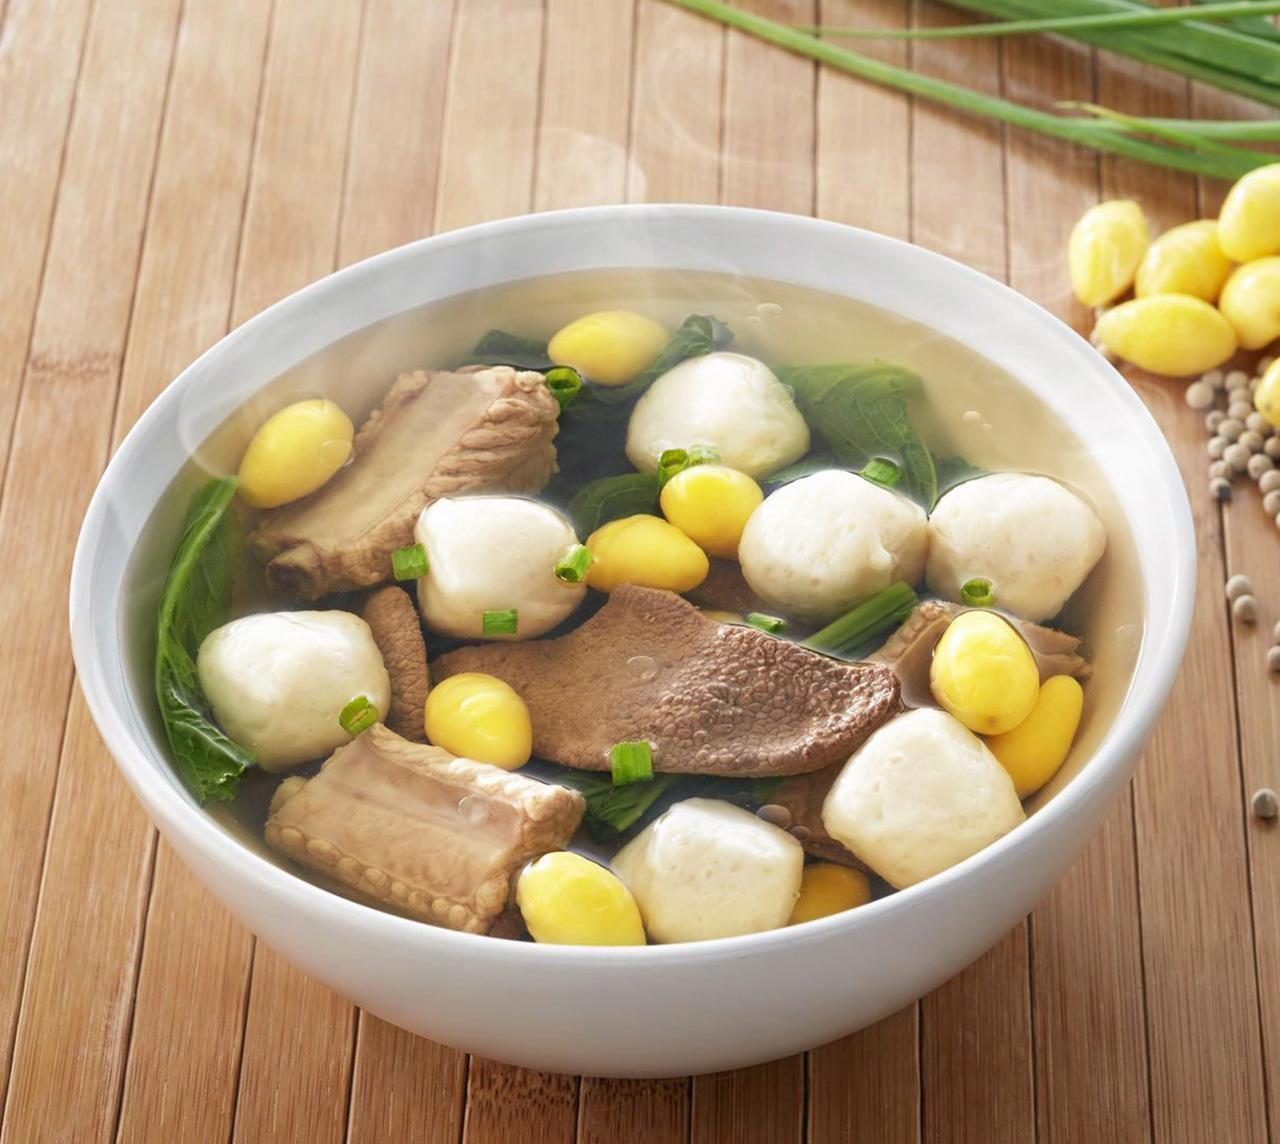 ซุปกระดูกหมูลูกชิ้นปลา